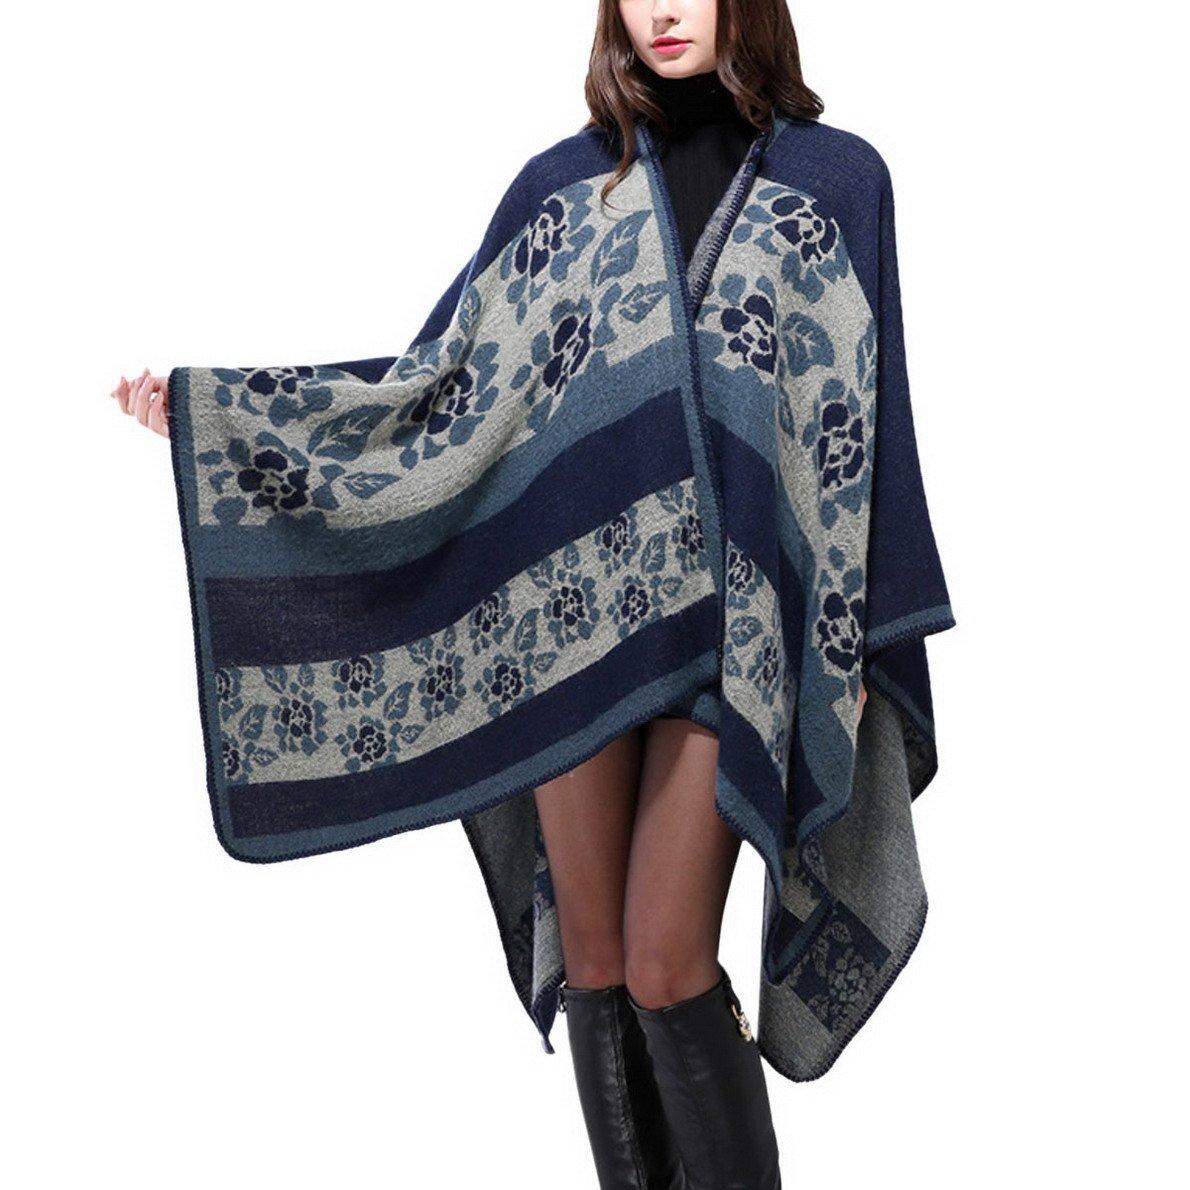 Poncho Ch/âle Vintage Femme Taille unique Bleu Foulard /Écharpe Chaud Manteau pour Automne